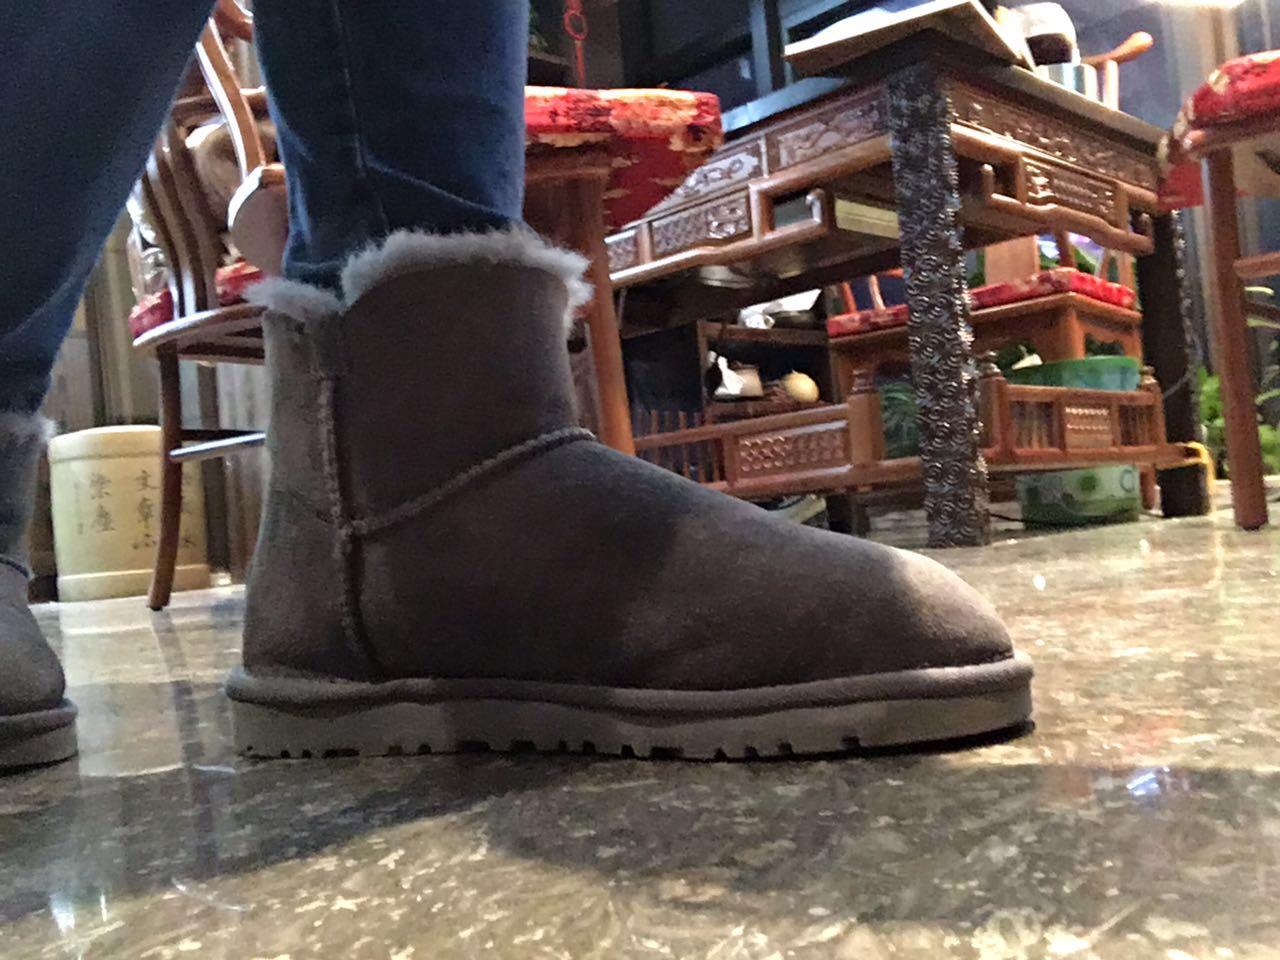 air jordan 2012 lite mens basketball shoes 00982456 real